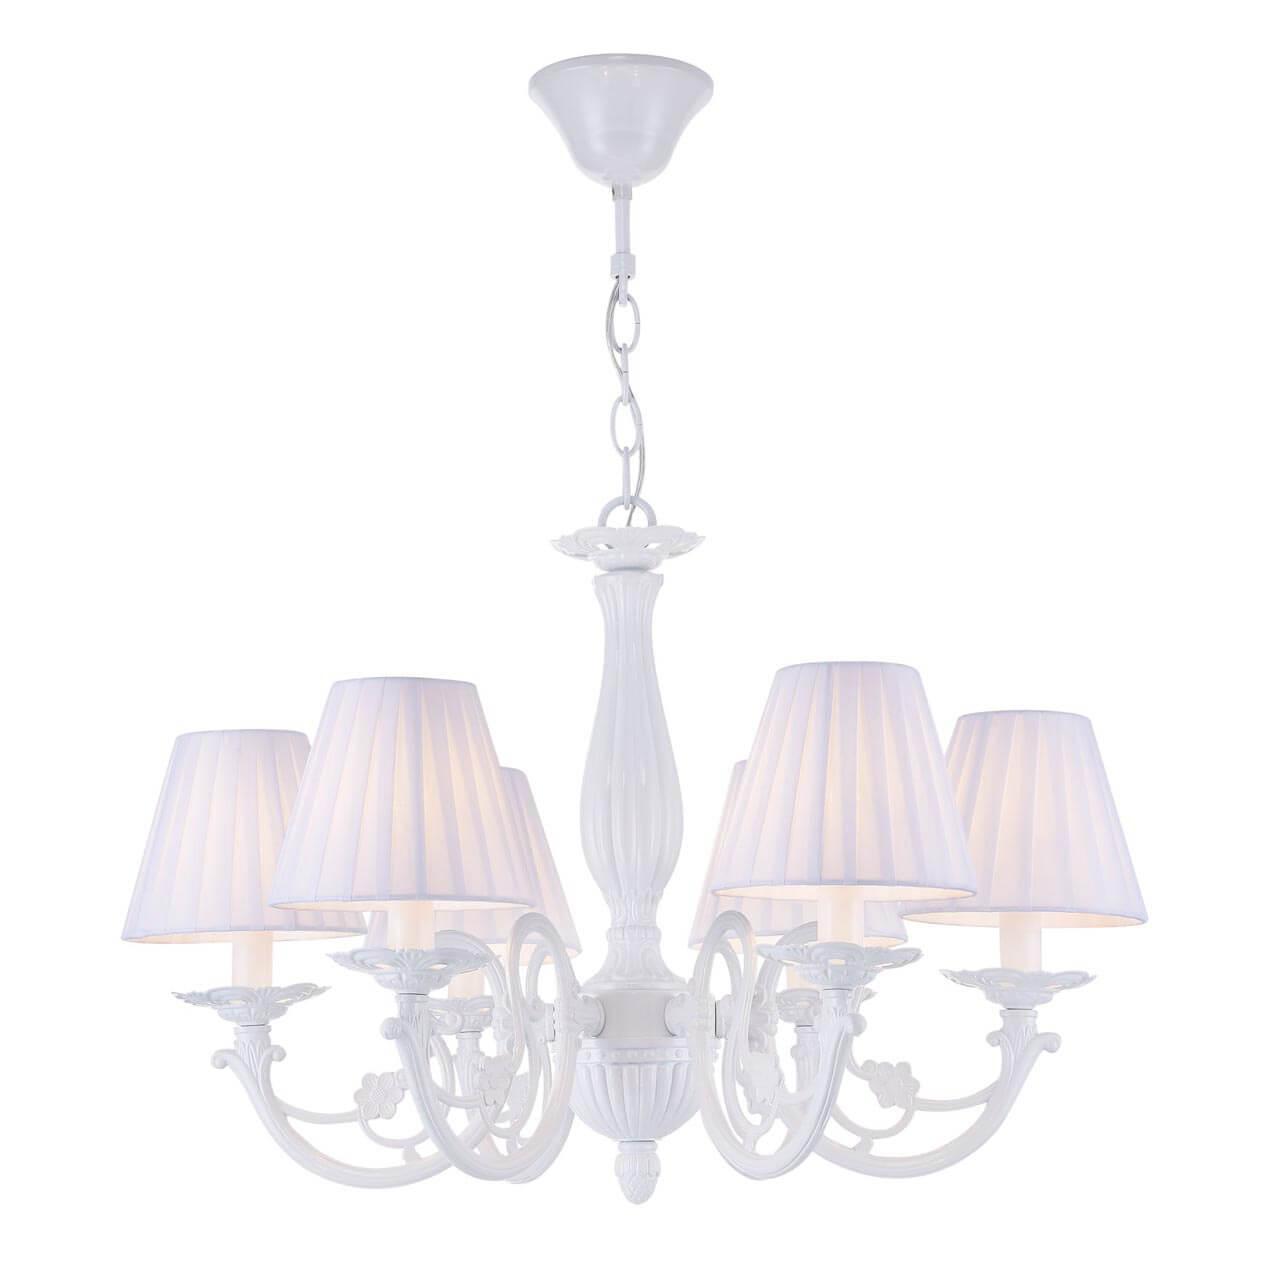 Подвесной светильник Freya FR2686PL-06W, E14, 40 Вт подвесная люстра jasmine fr2686pl 06w